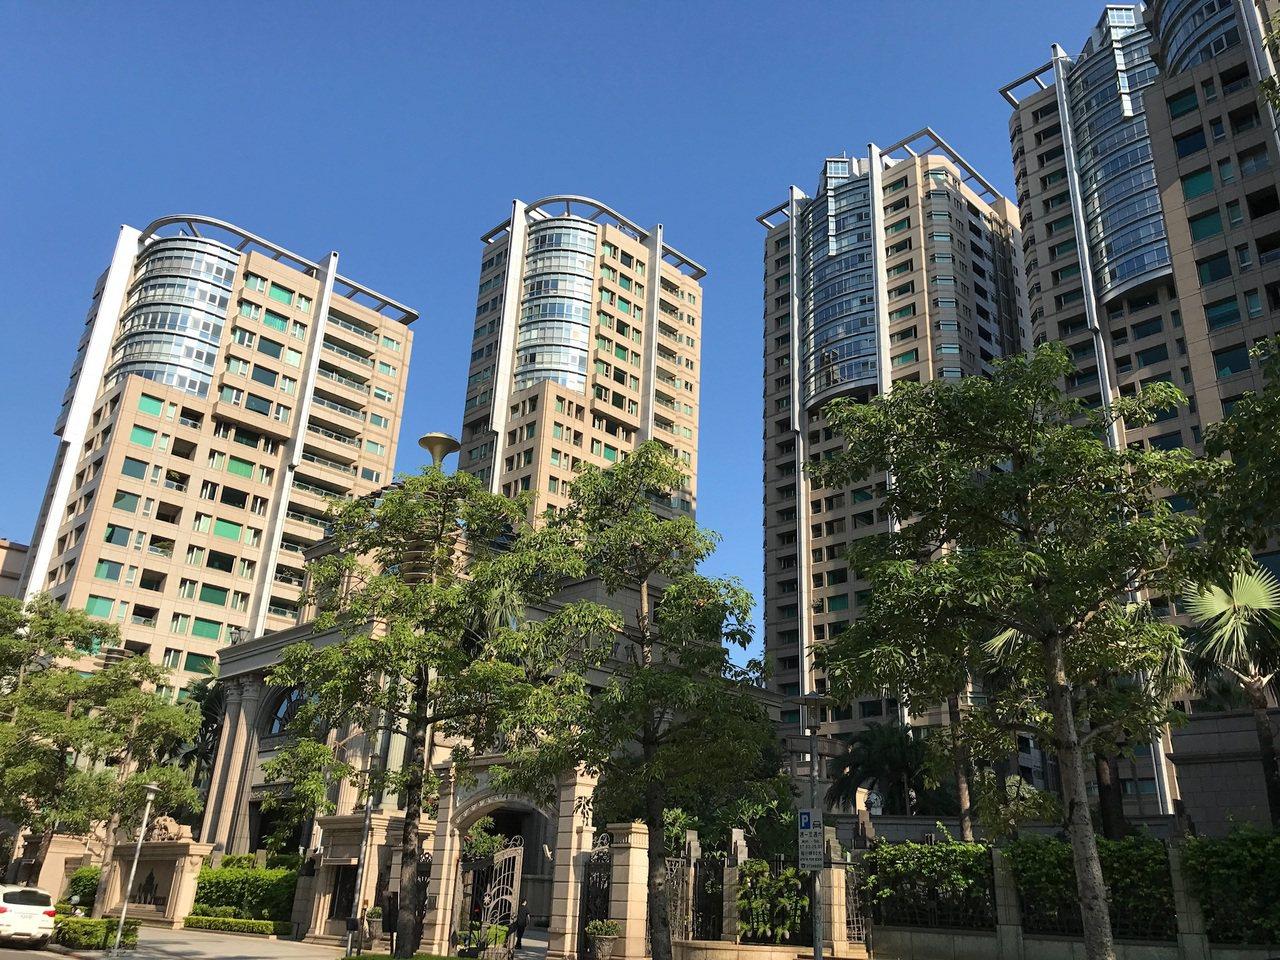 今年前三季總價8,000萬元以上豪宅交易僅比去年同期增加五件,並未如想像大幅回升...